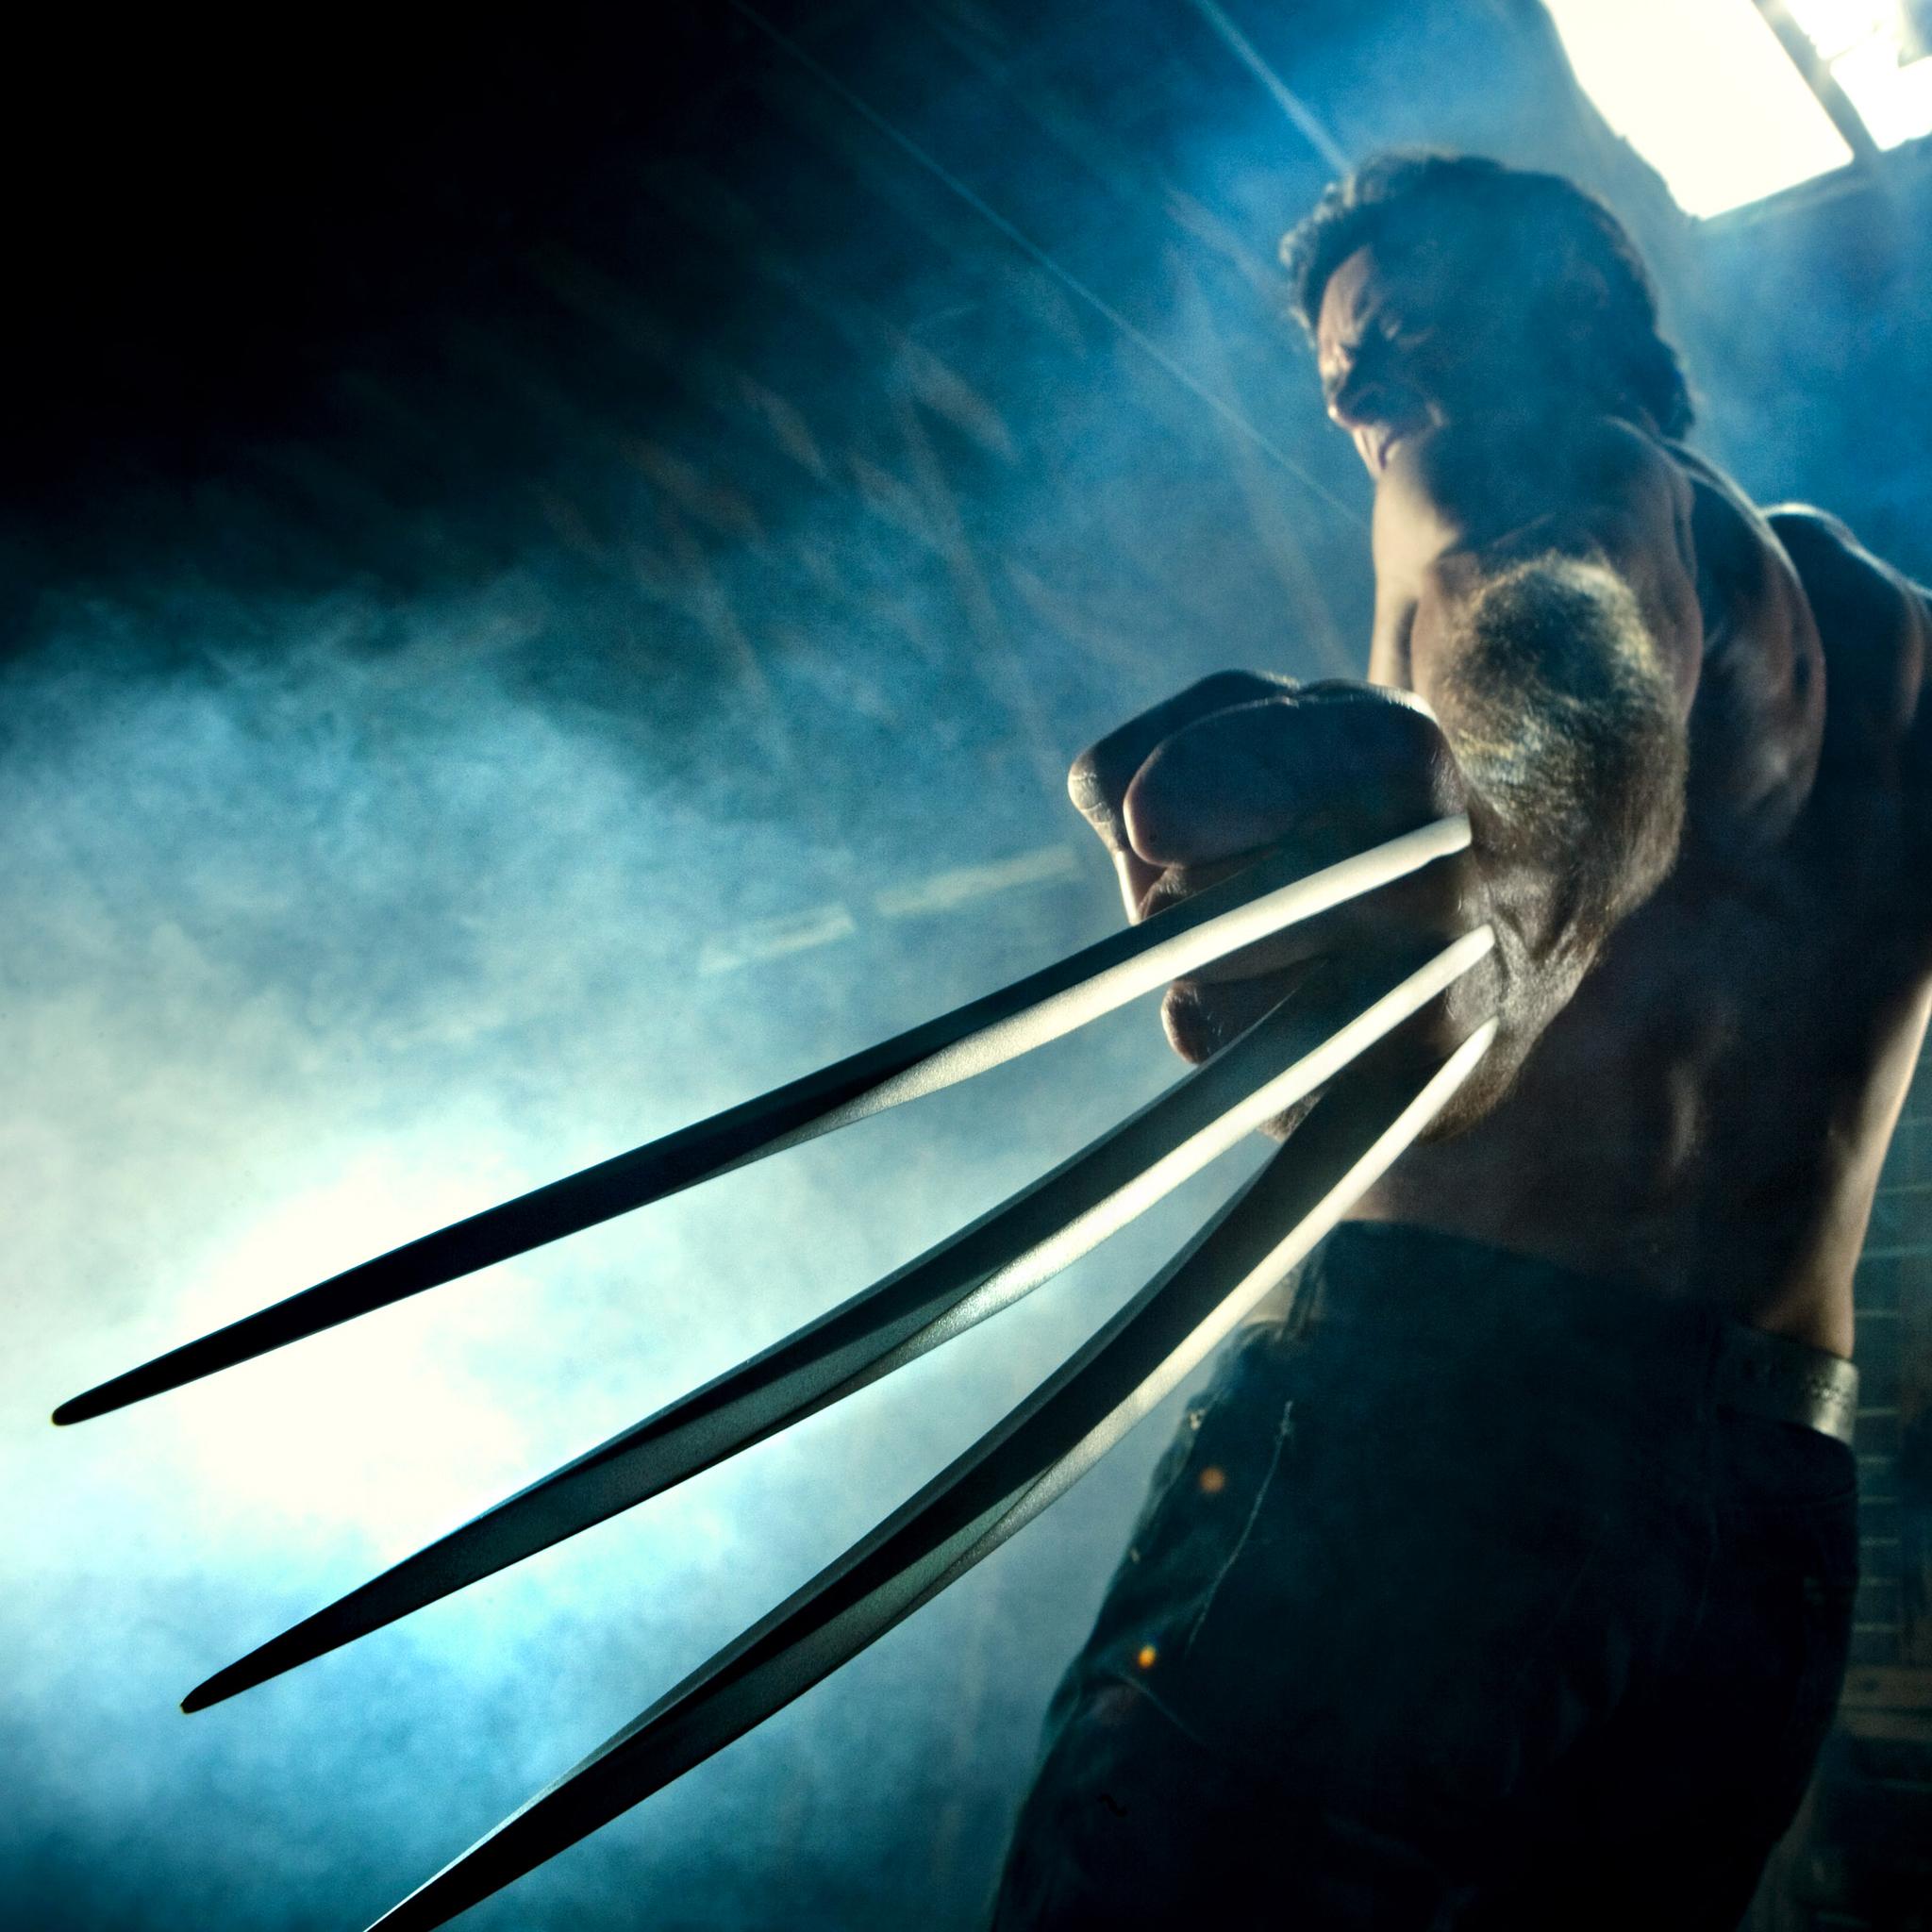 X-Men-Wolverine-3Wallpapers-iPad-Retina